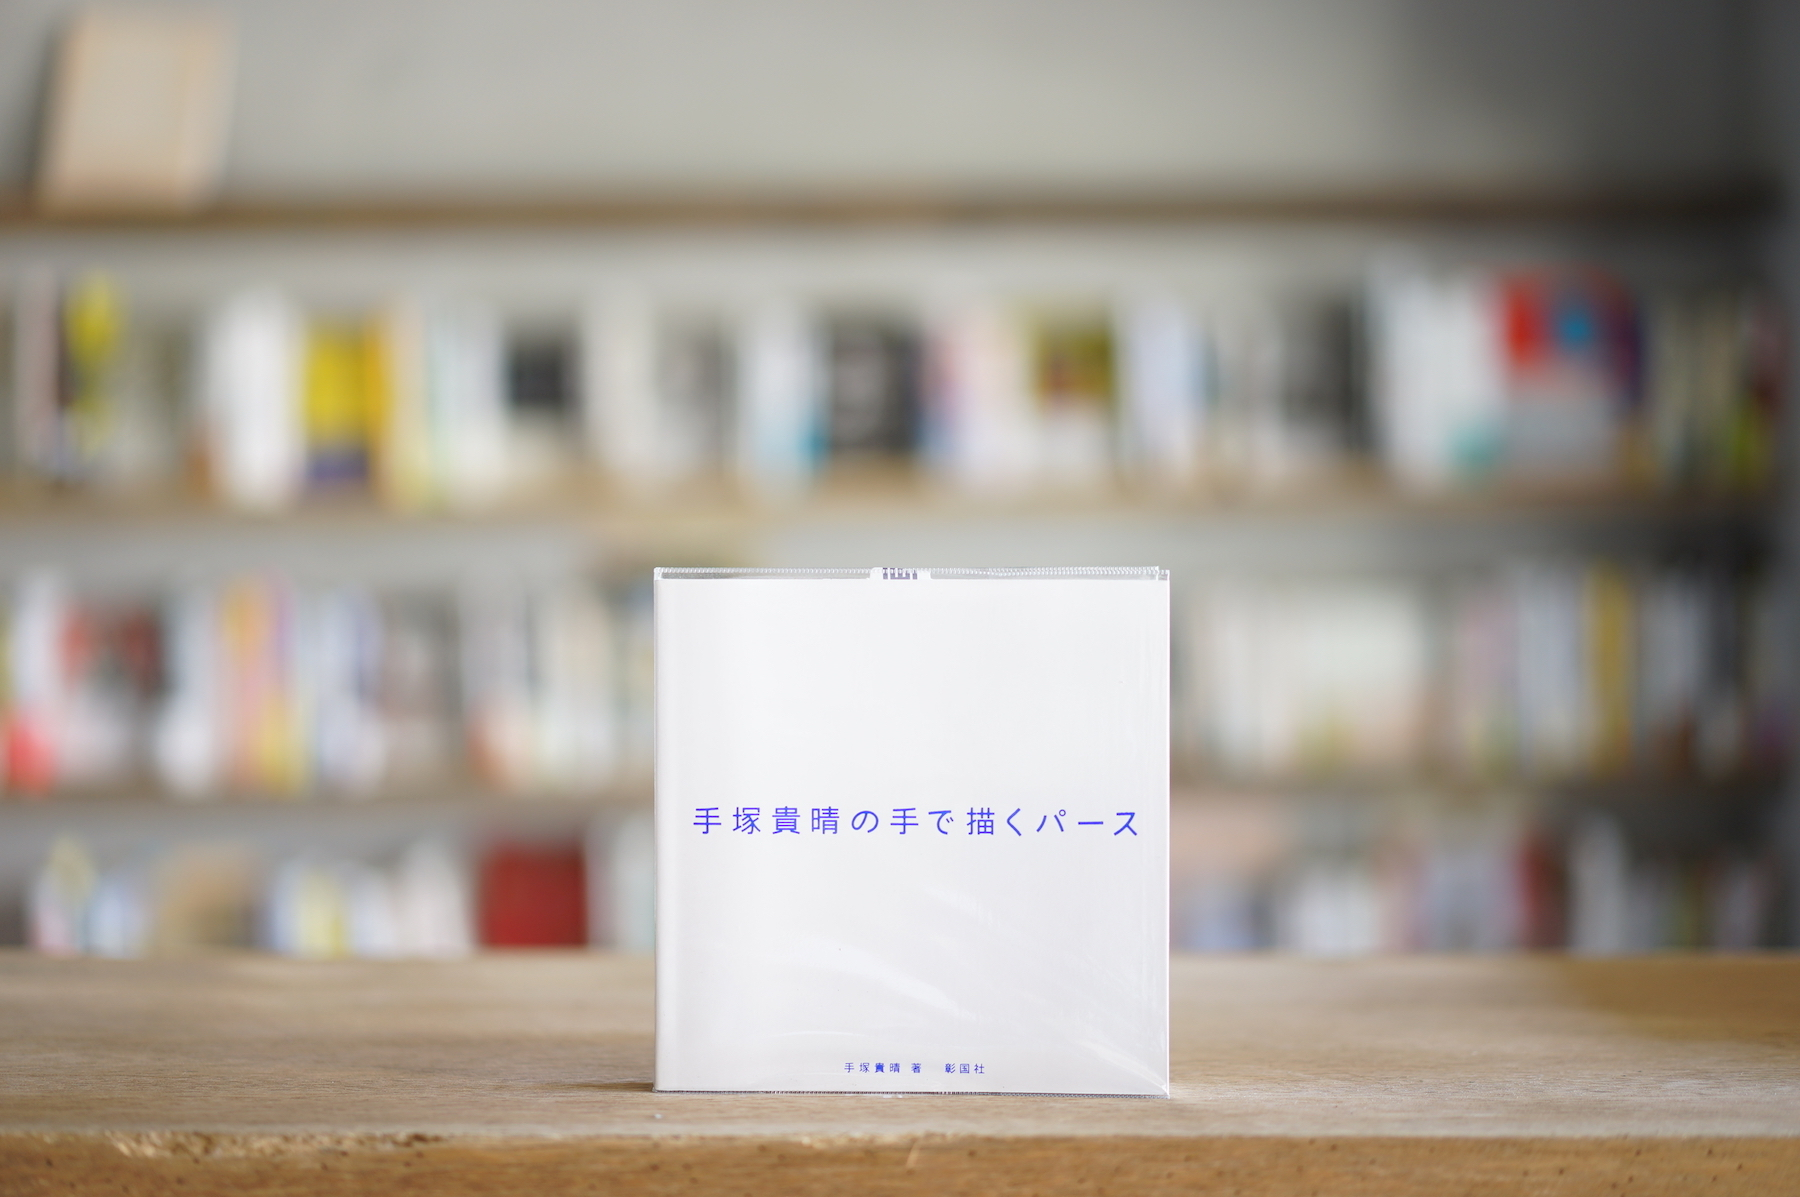 手塚貴晴 『手塚貴晴の手で描くパース』 (彰国社、2009)